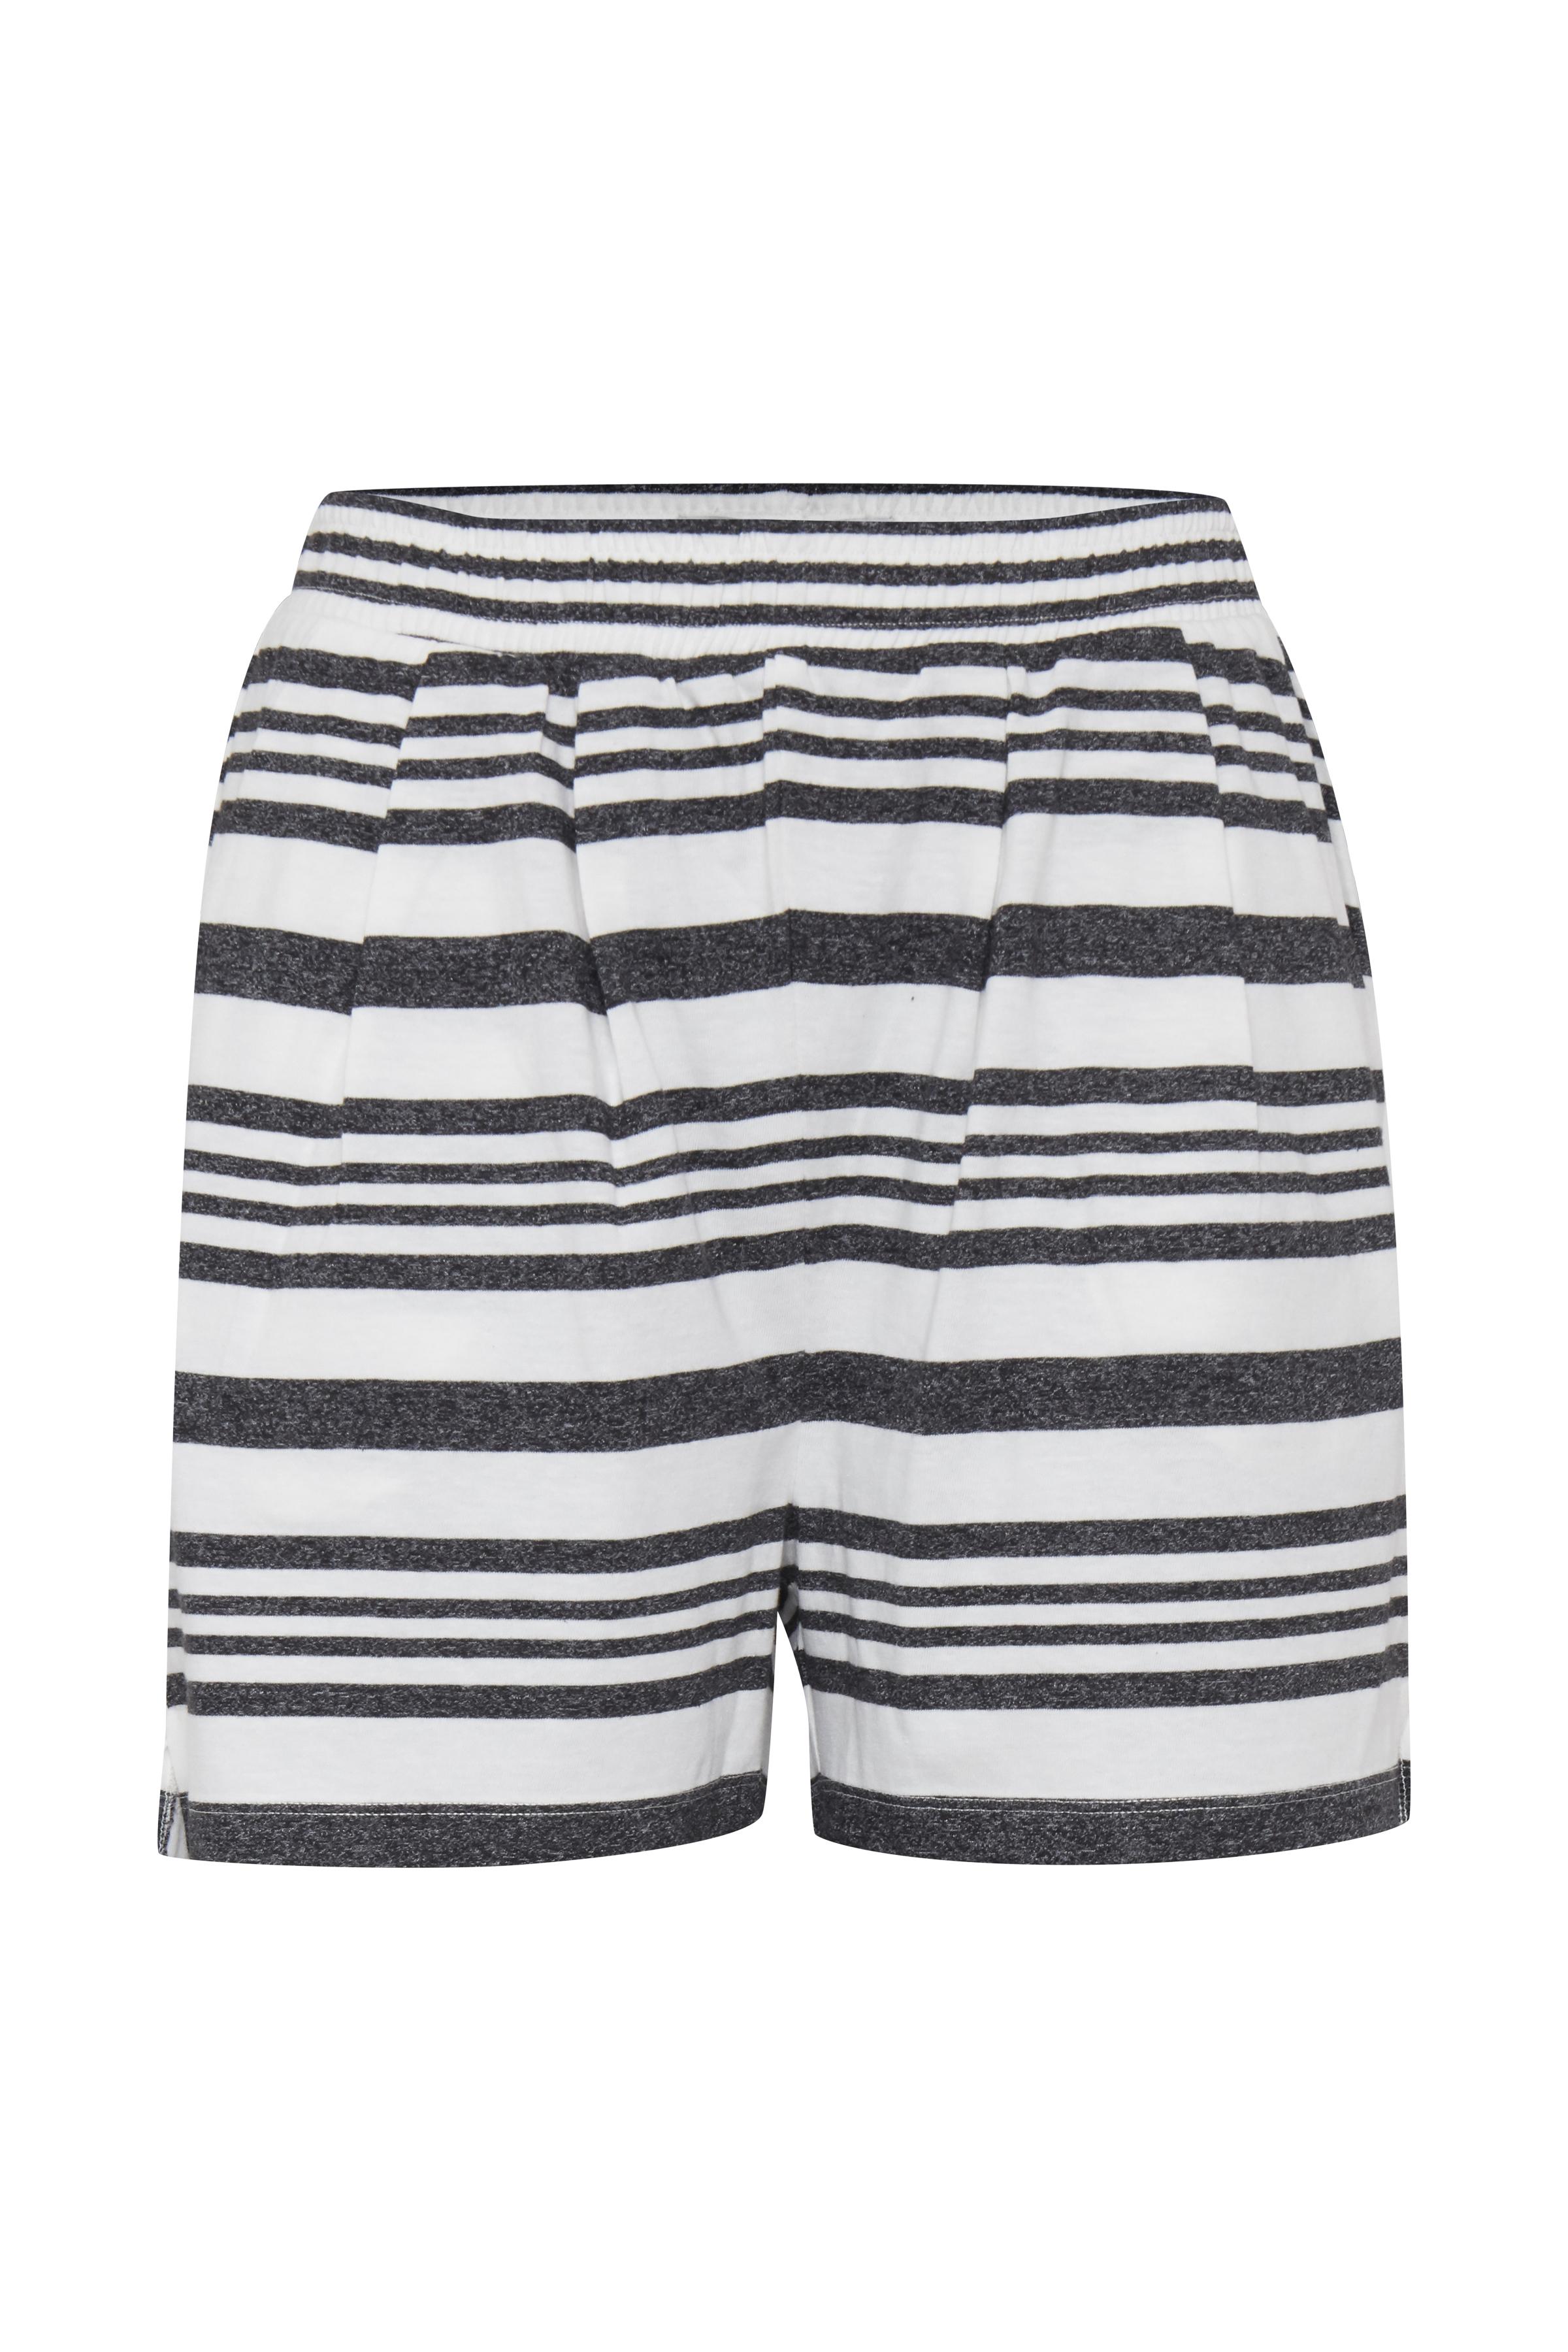 Wide Stripe Black Shorts – Køb Wide Stripe Black Shorts fra str. XS-XL her